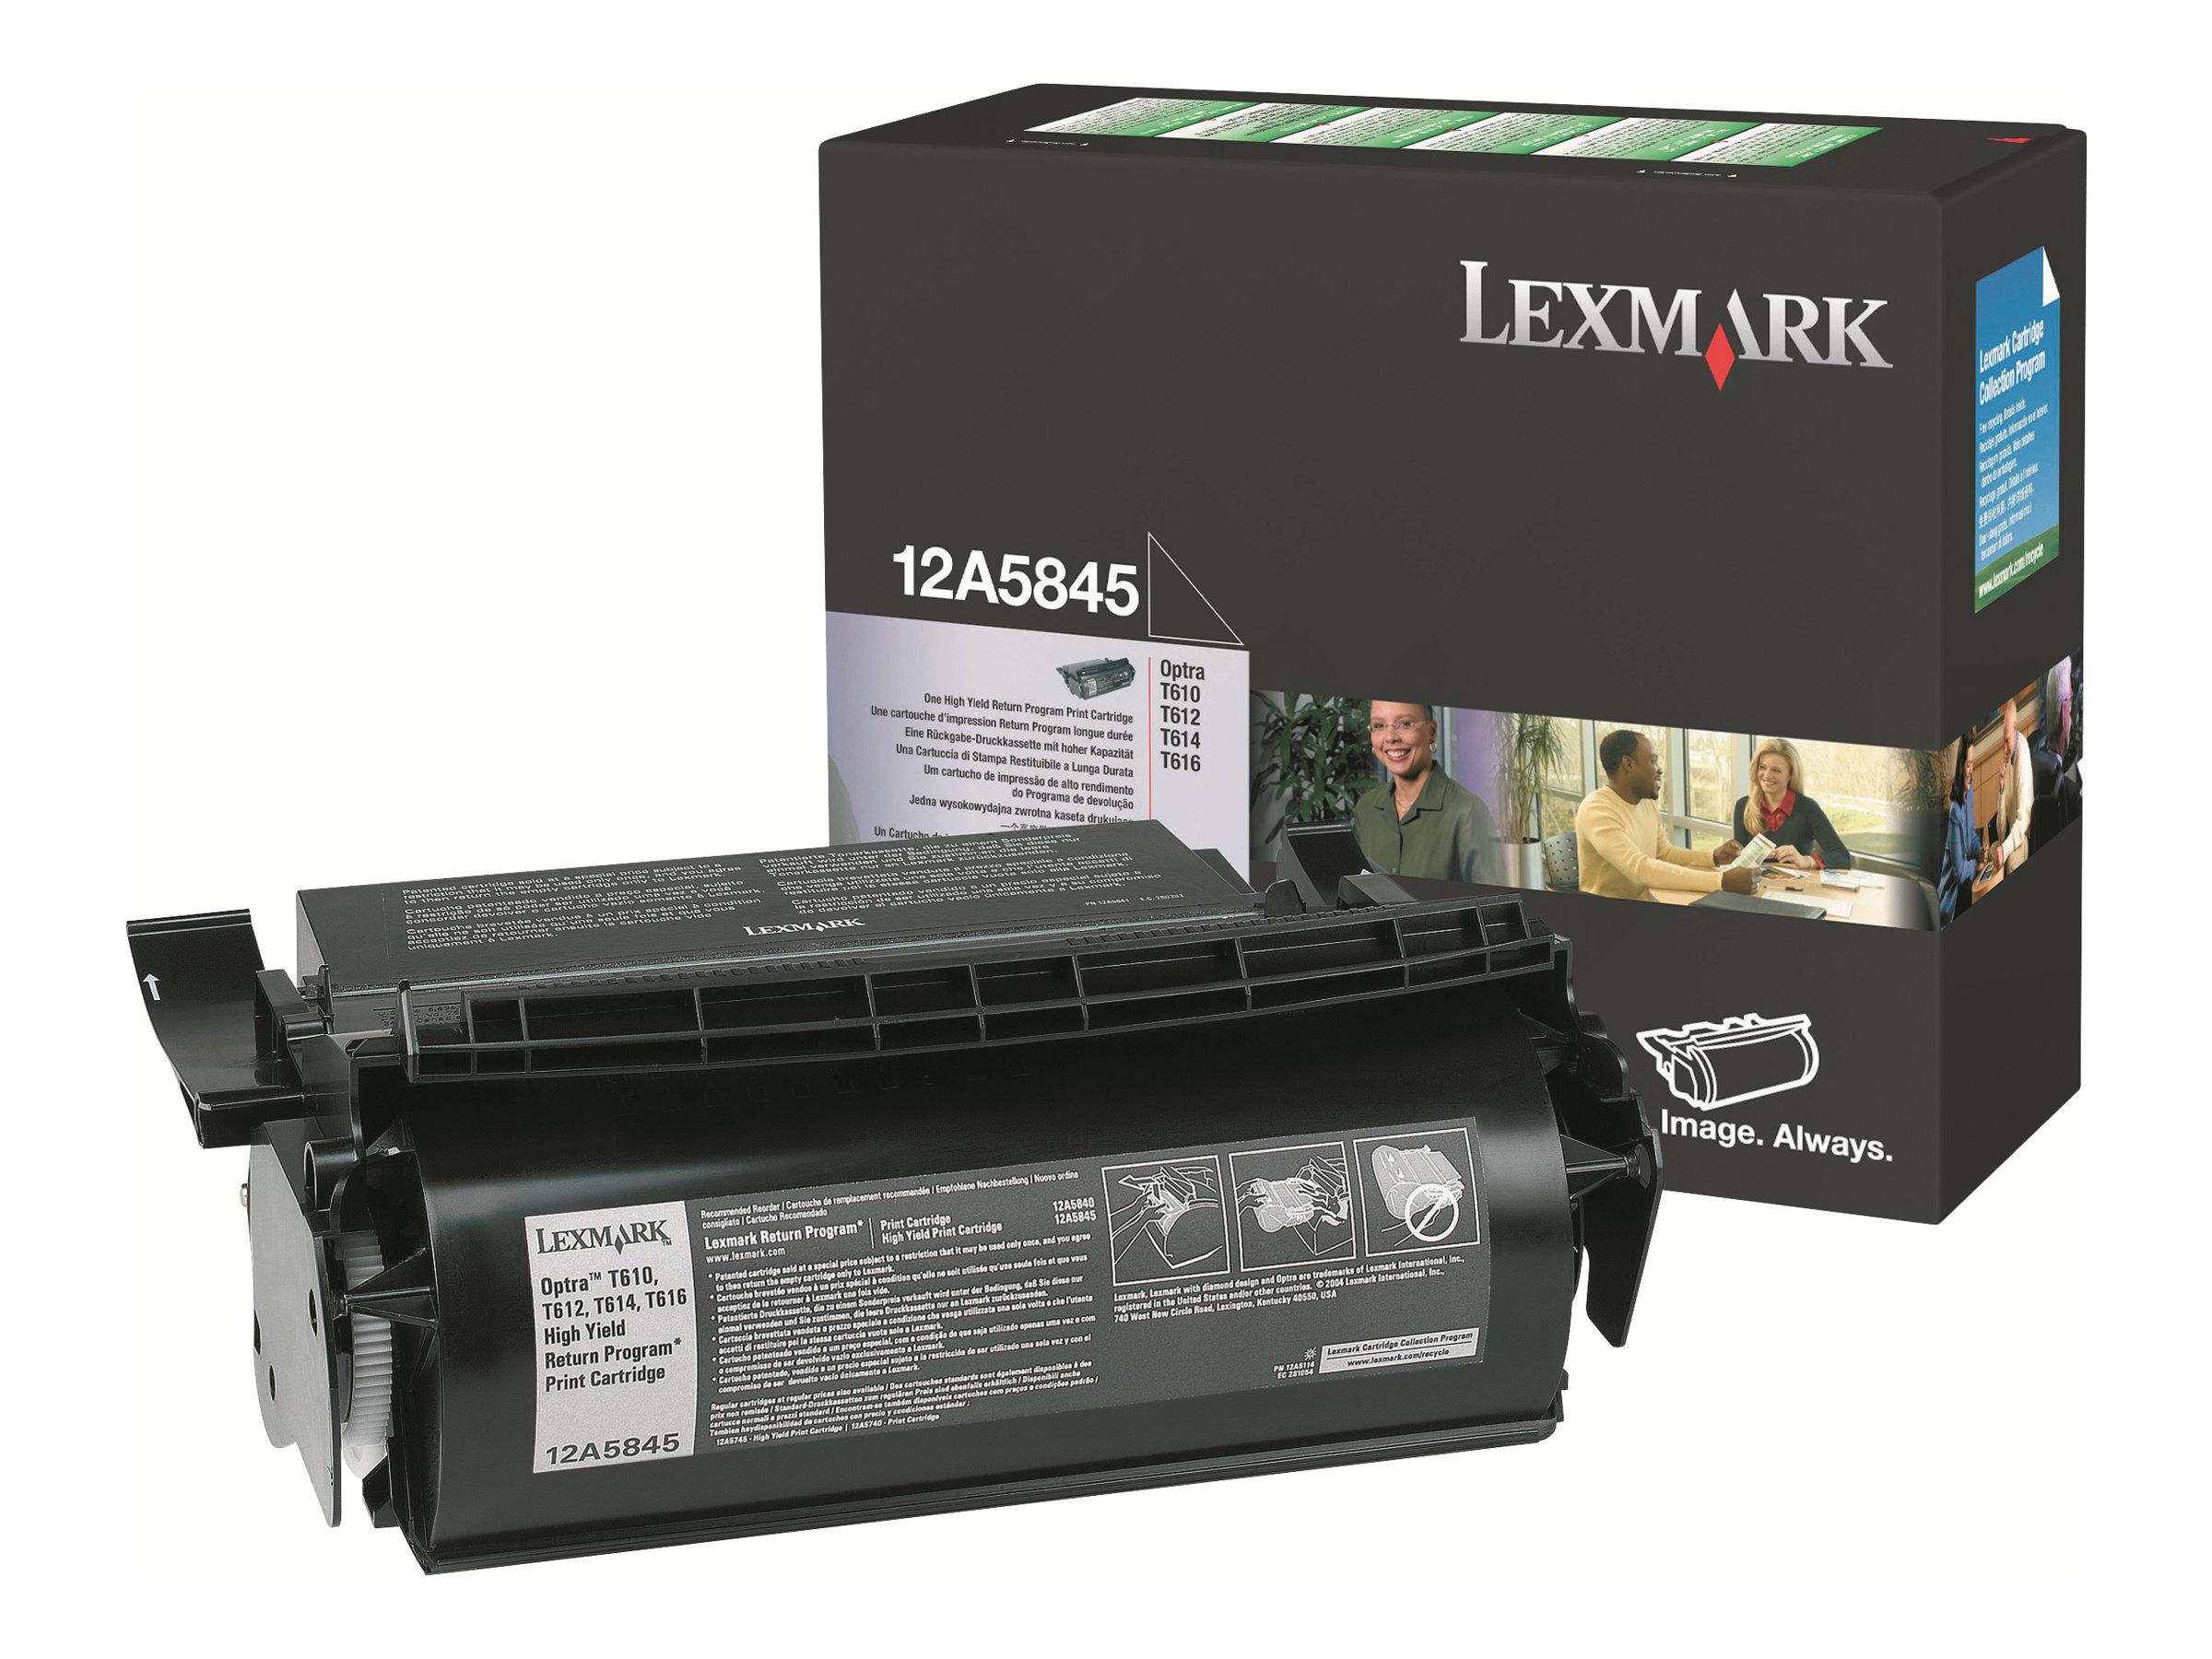 Lexmark - Noir - 12A5845 - 25000 pages - original - cartouche de toner